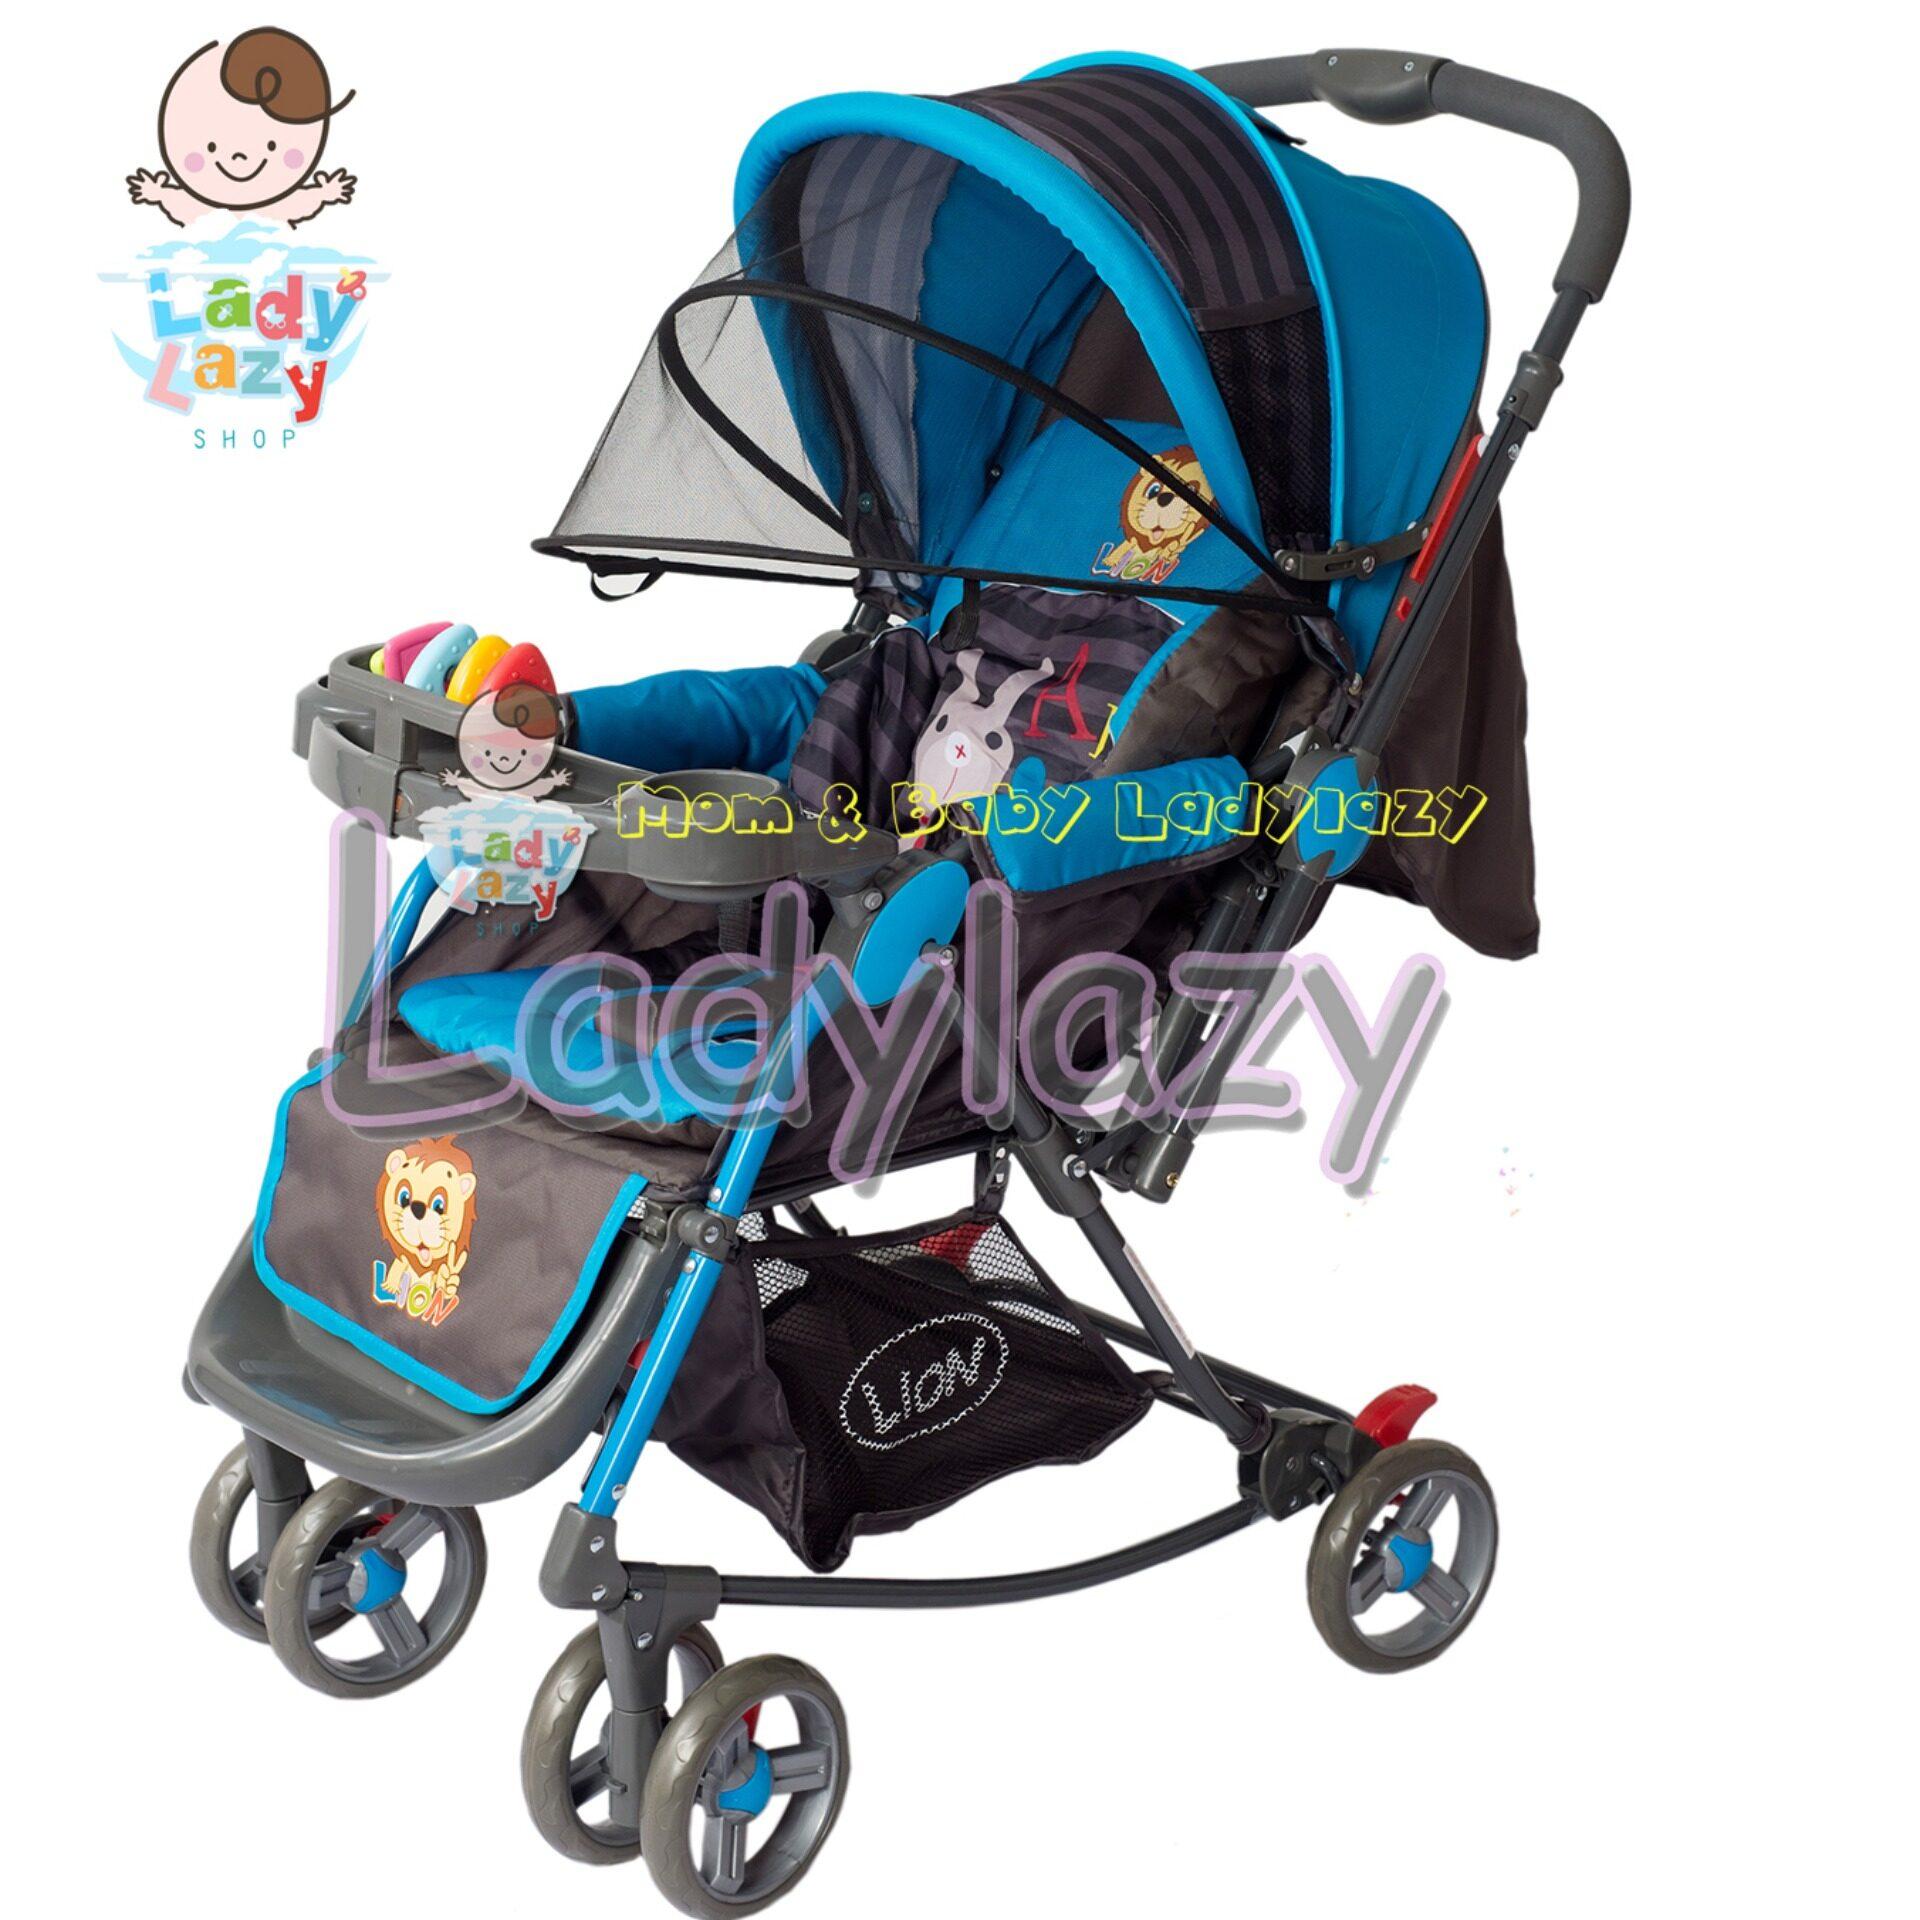 ซื้อที่ไหน ladylazyรถเข็นเด็ก No.218 (ปรับเข็นหน้า-หลัง/โยก/ปรับได้ 3 ระดับ) สีฟ้า แถมฟรี ของเล่น